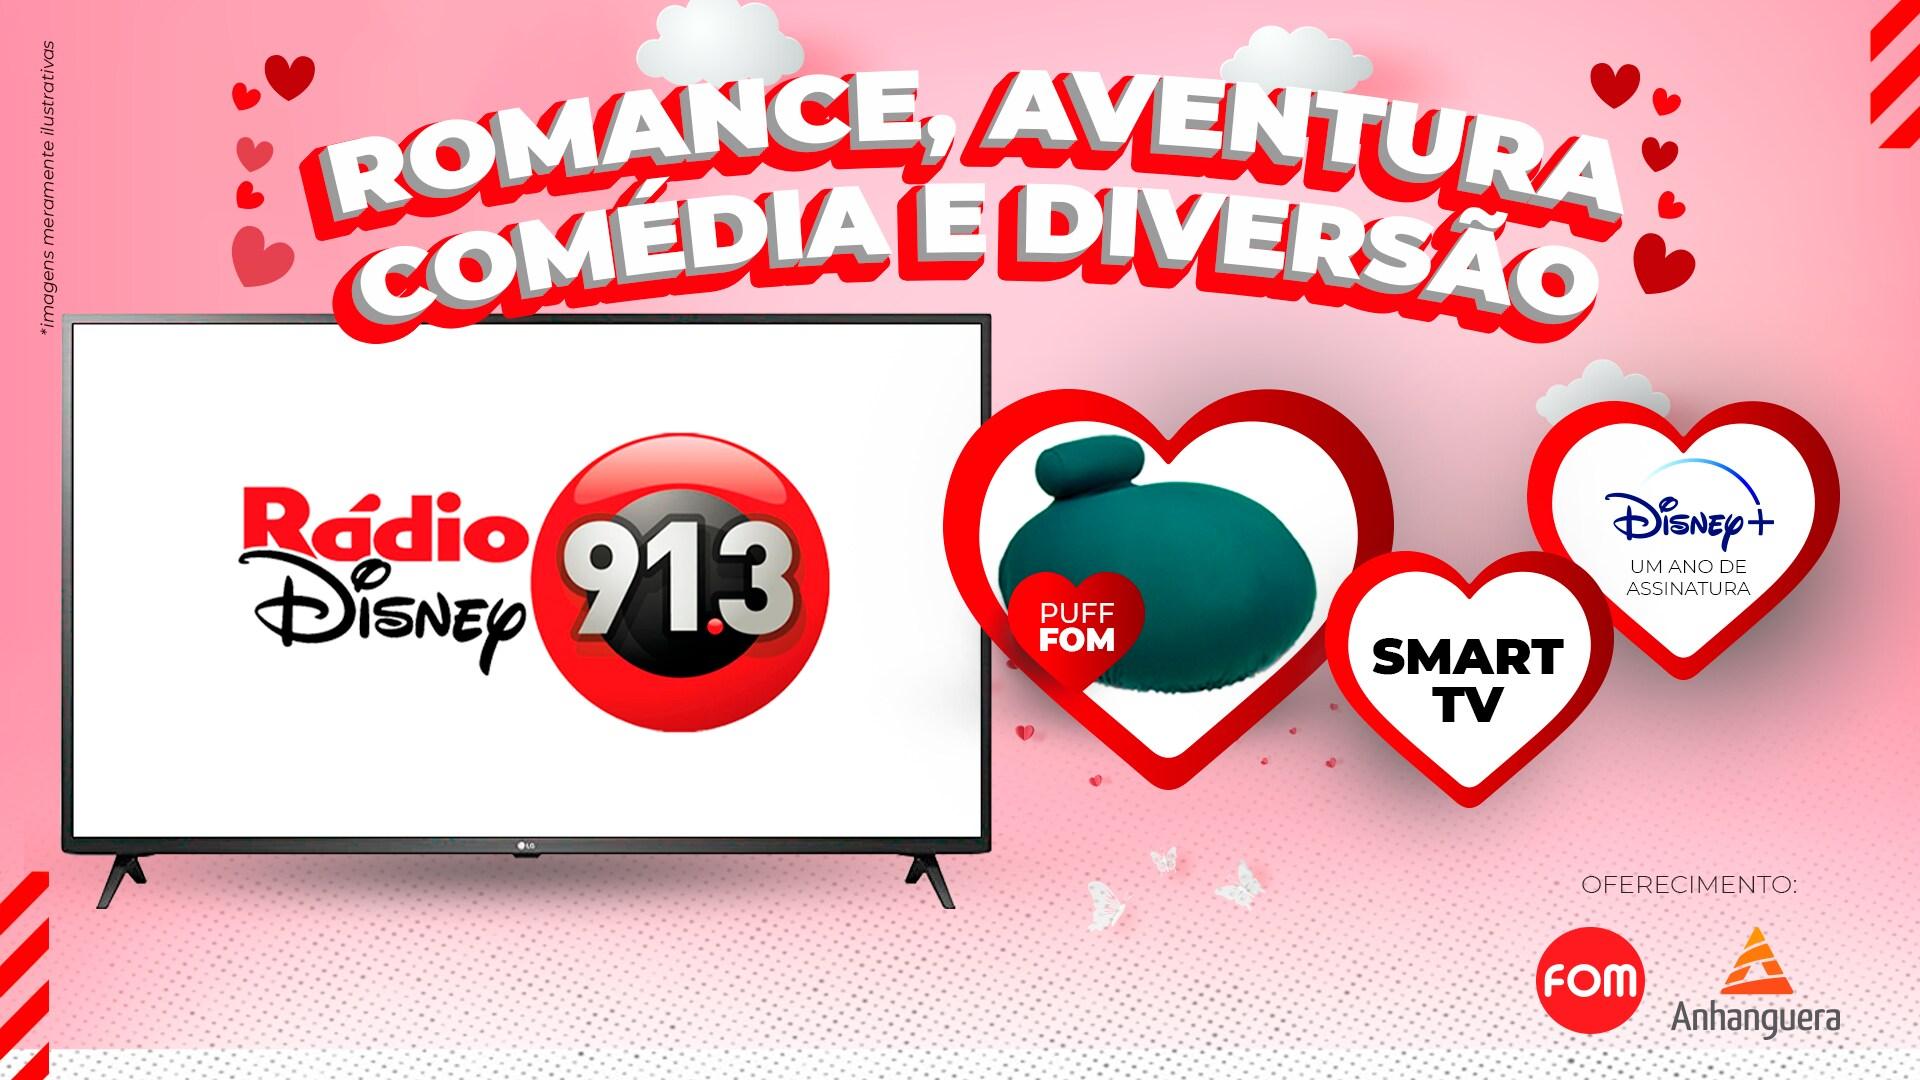 TEM ASSINATURA DO DISNEY+, SMART TV E PUFF POLTRONA DA FOM NO DIA 12 DE JUNHO COM A RÁDIO DISNEY